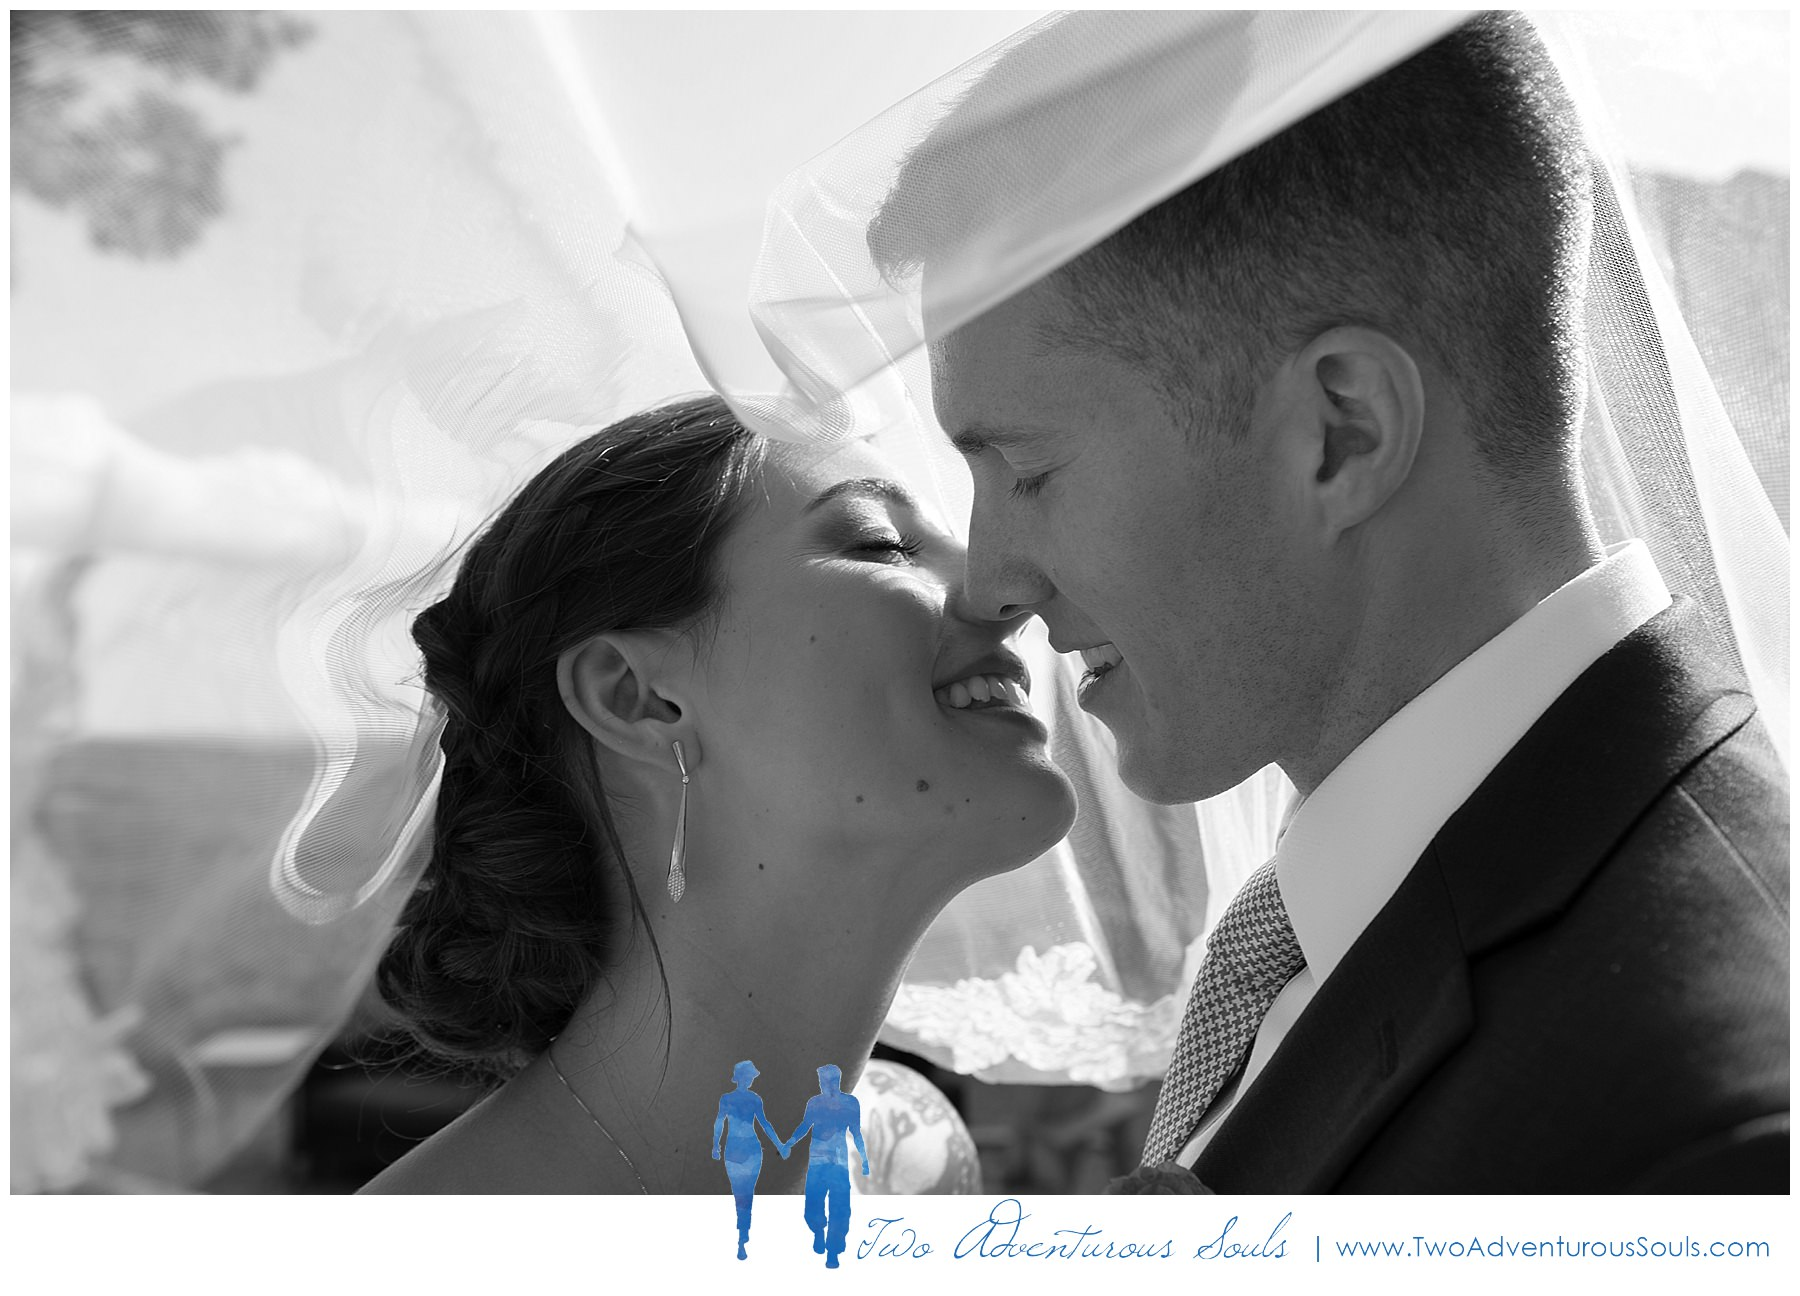 Maine Wedding Photographers, Granite Ridge Estate Wedding Photographers, Two Adventurous Souls - 080319_0054.jpg